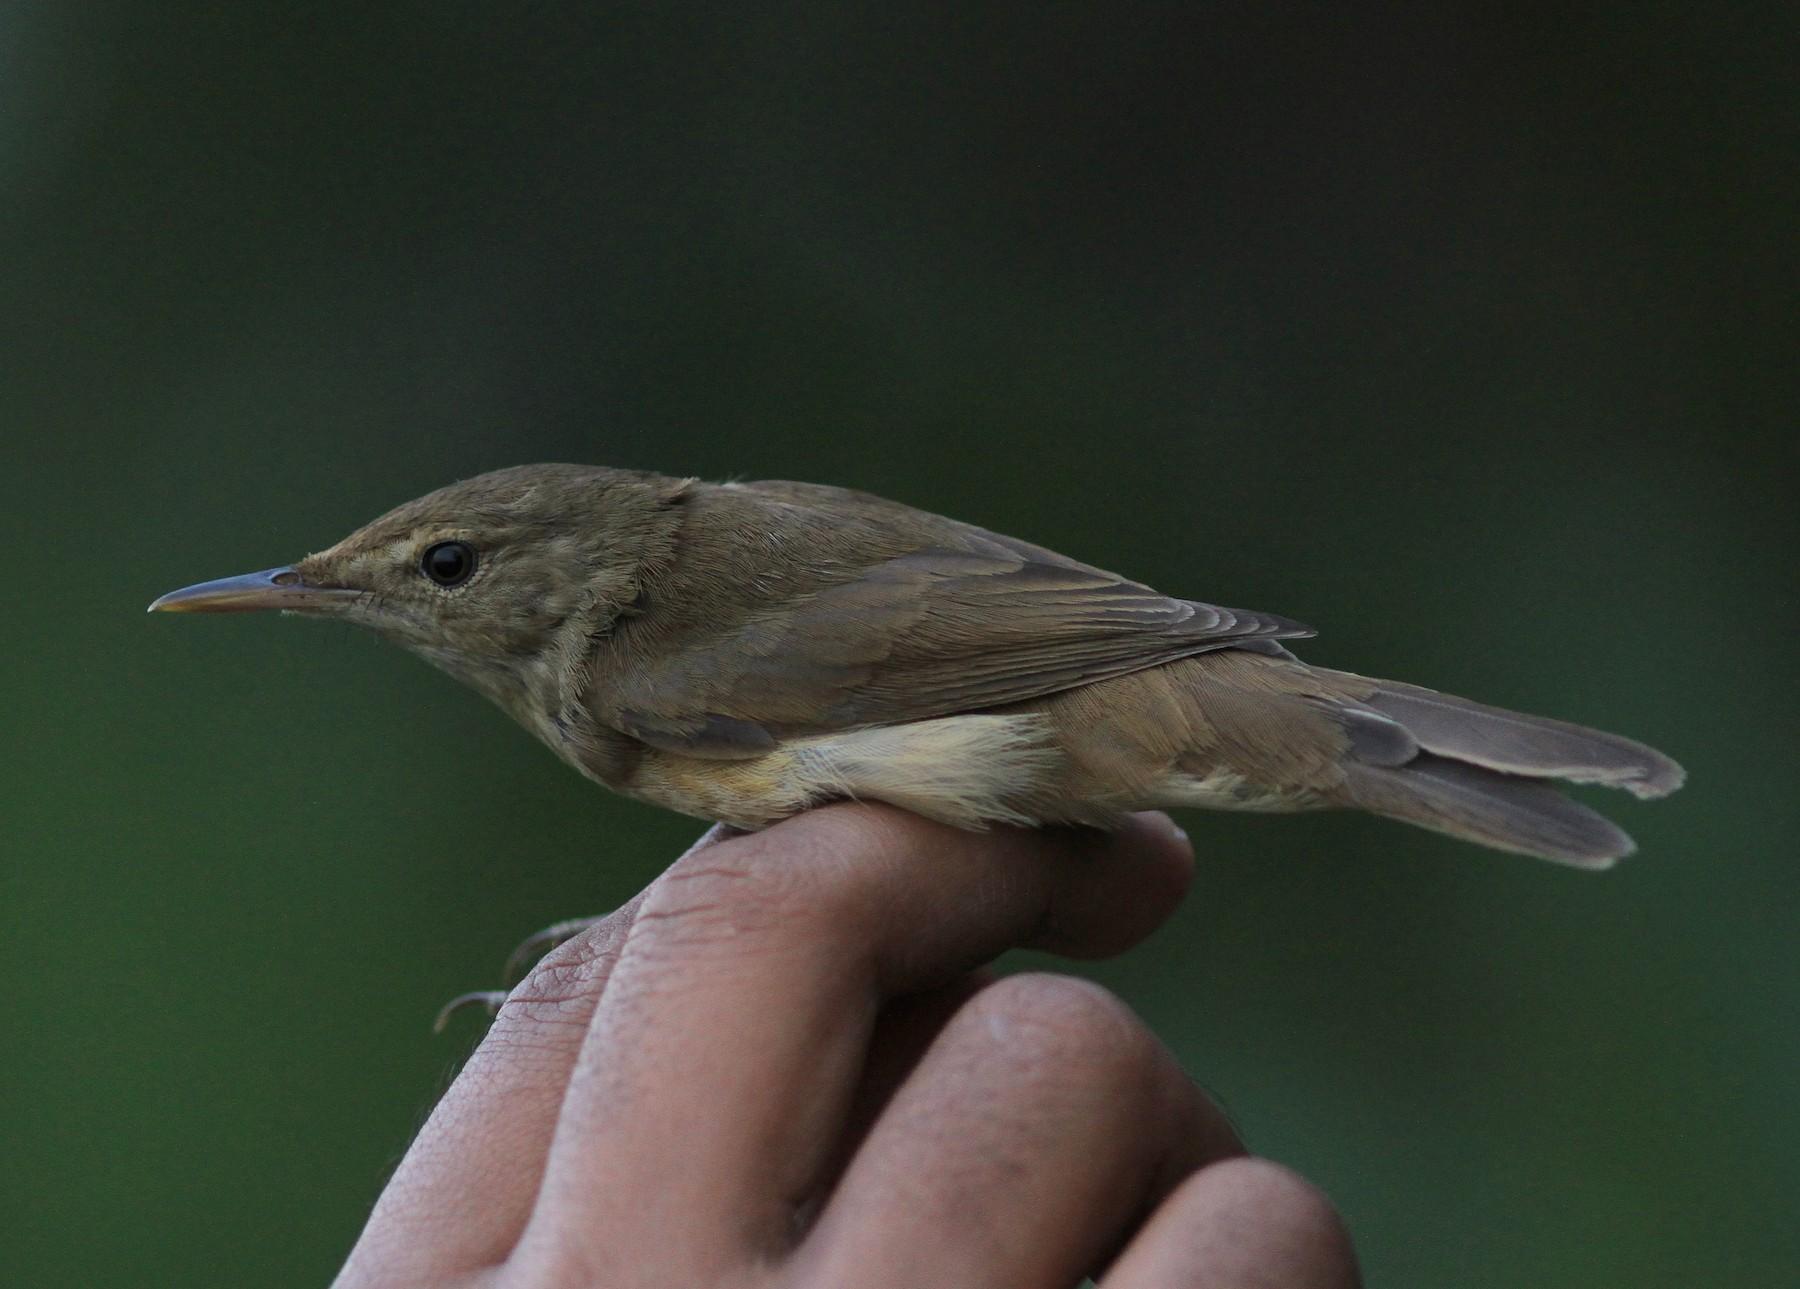 Large-billed Reed Warbler - Sayam U. Chowdhury